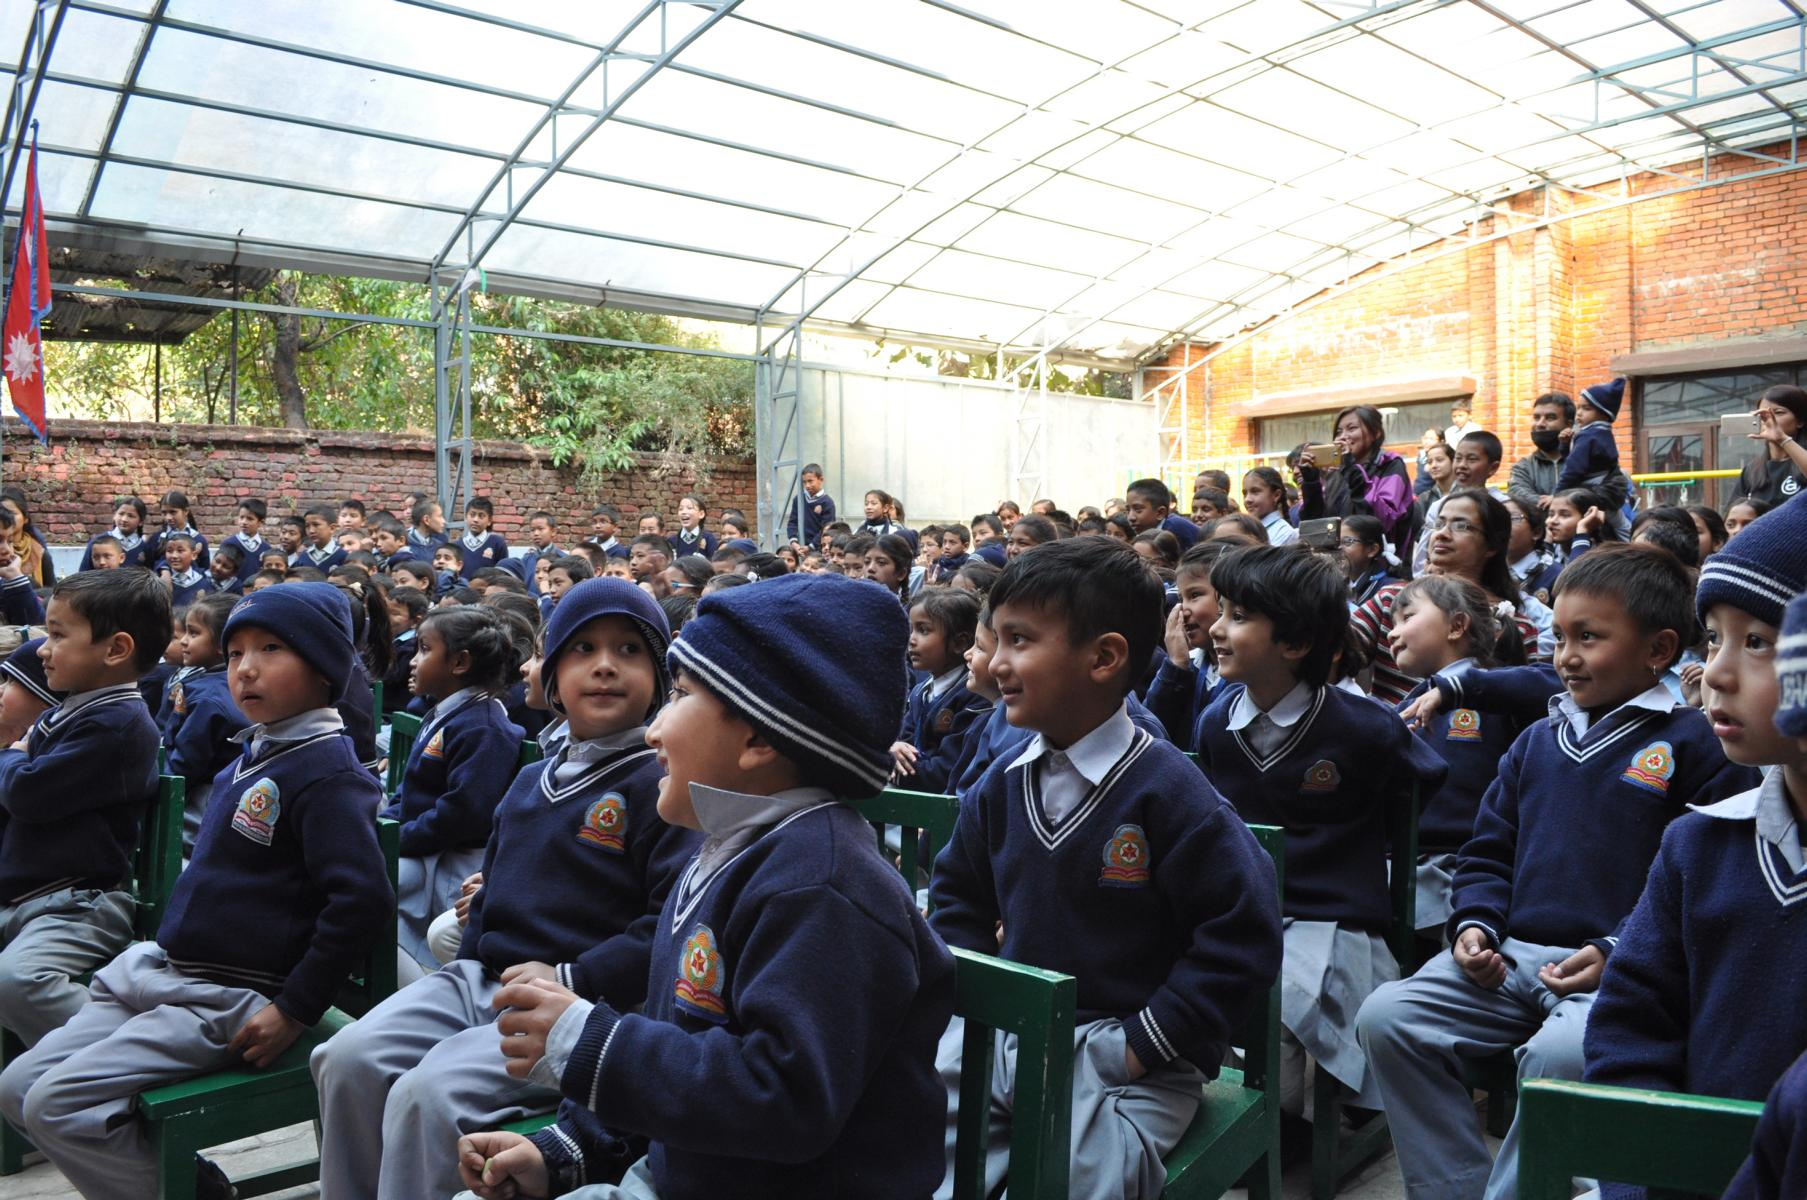 ca. 200 Kinder nahmen an der Veranstaltung teil